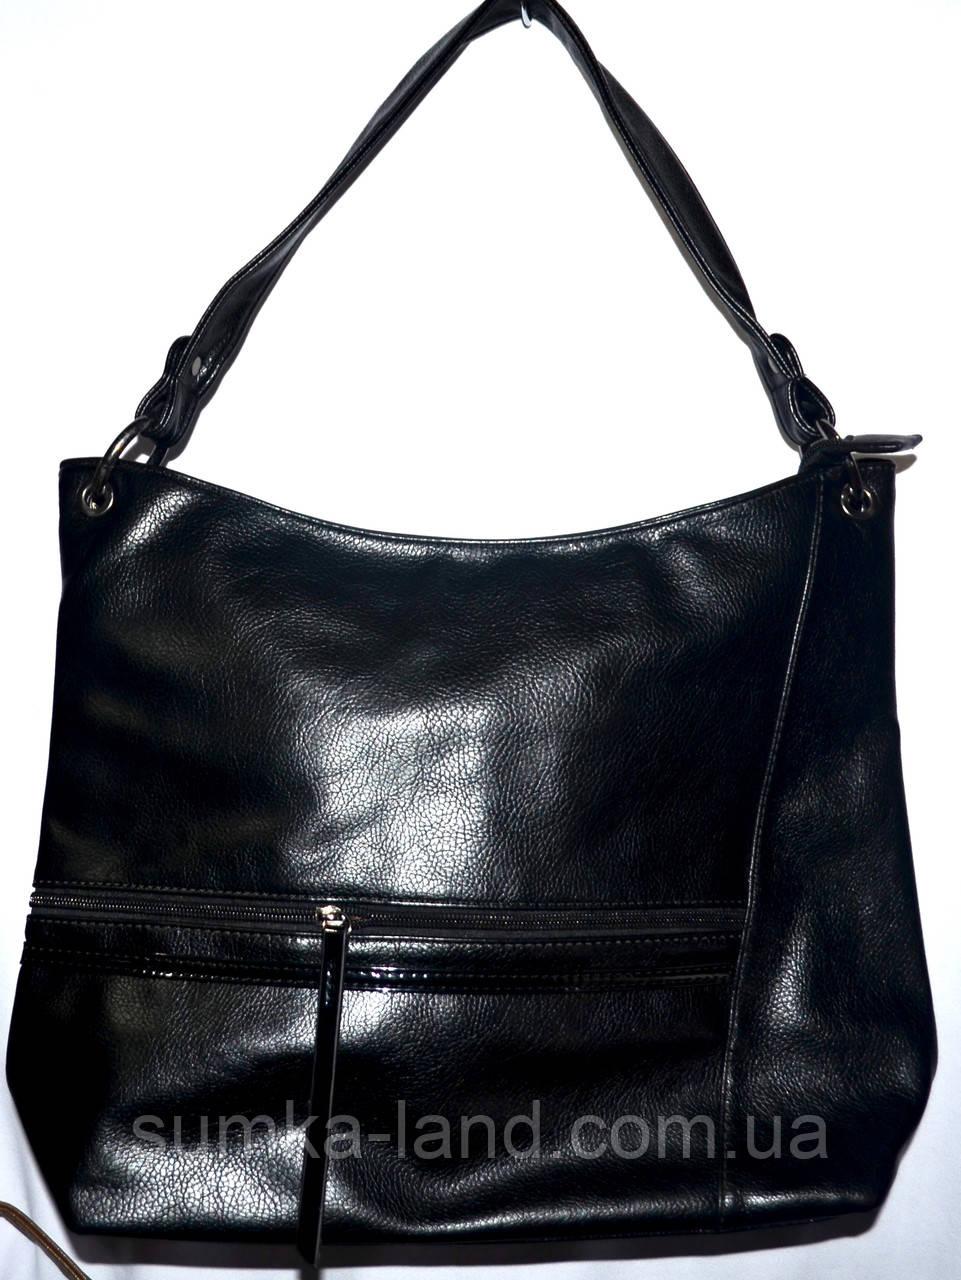 Женская черная сумочка в масле на плечо 34*34